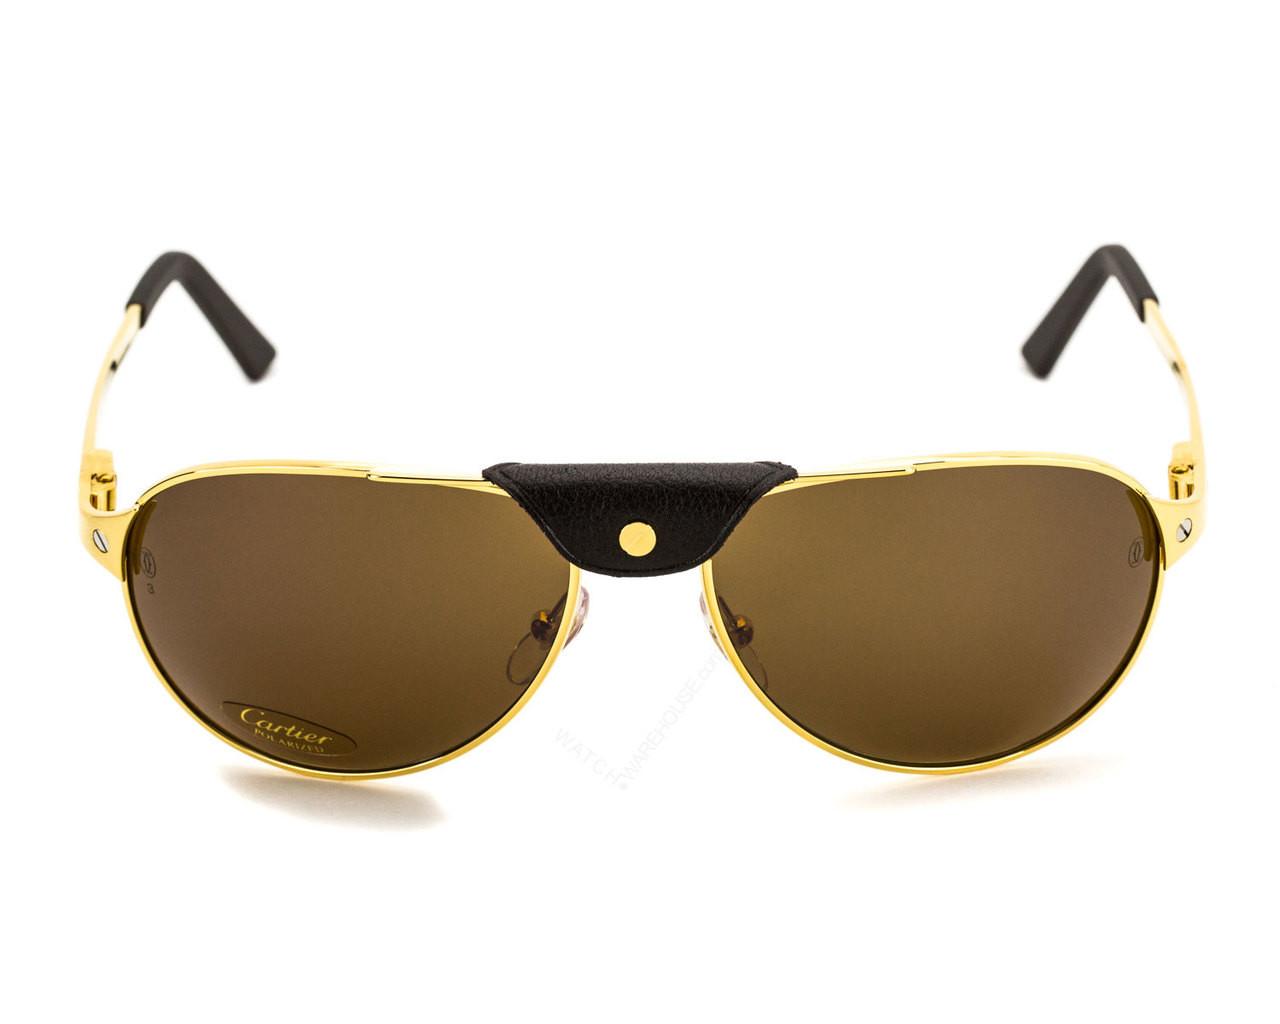 b79d44d8f41f6 T8200888 Cartier Santos Dumont 58mm Gold Rimmed Men s Sunglasses